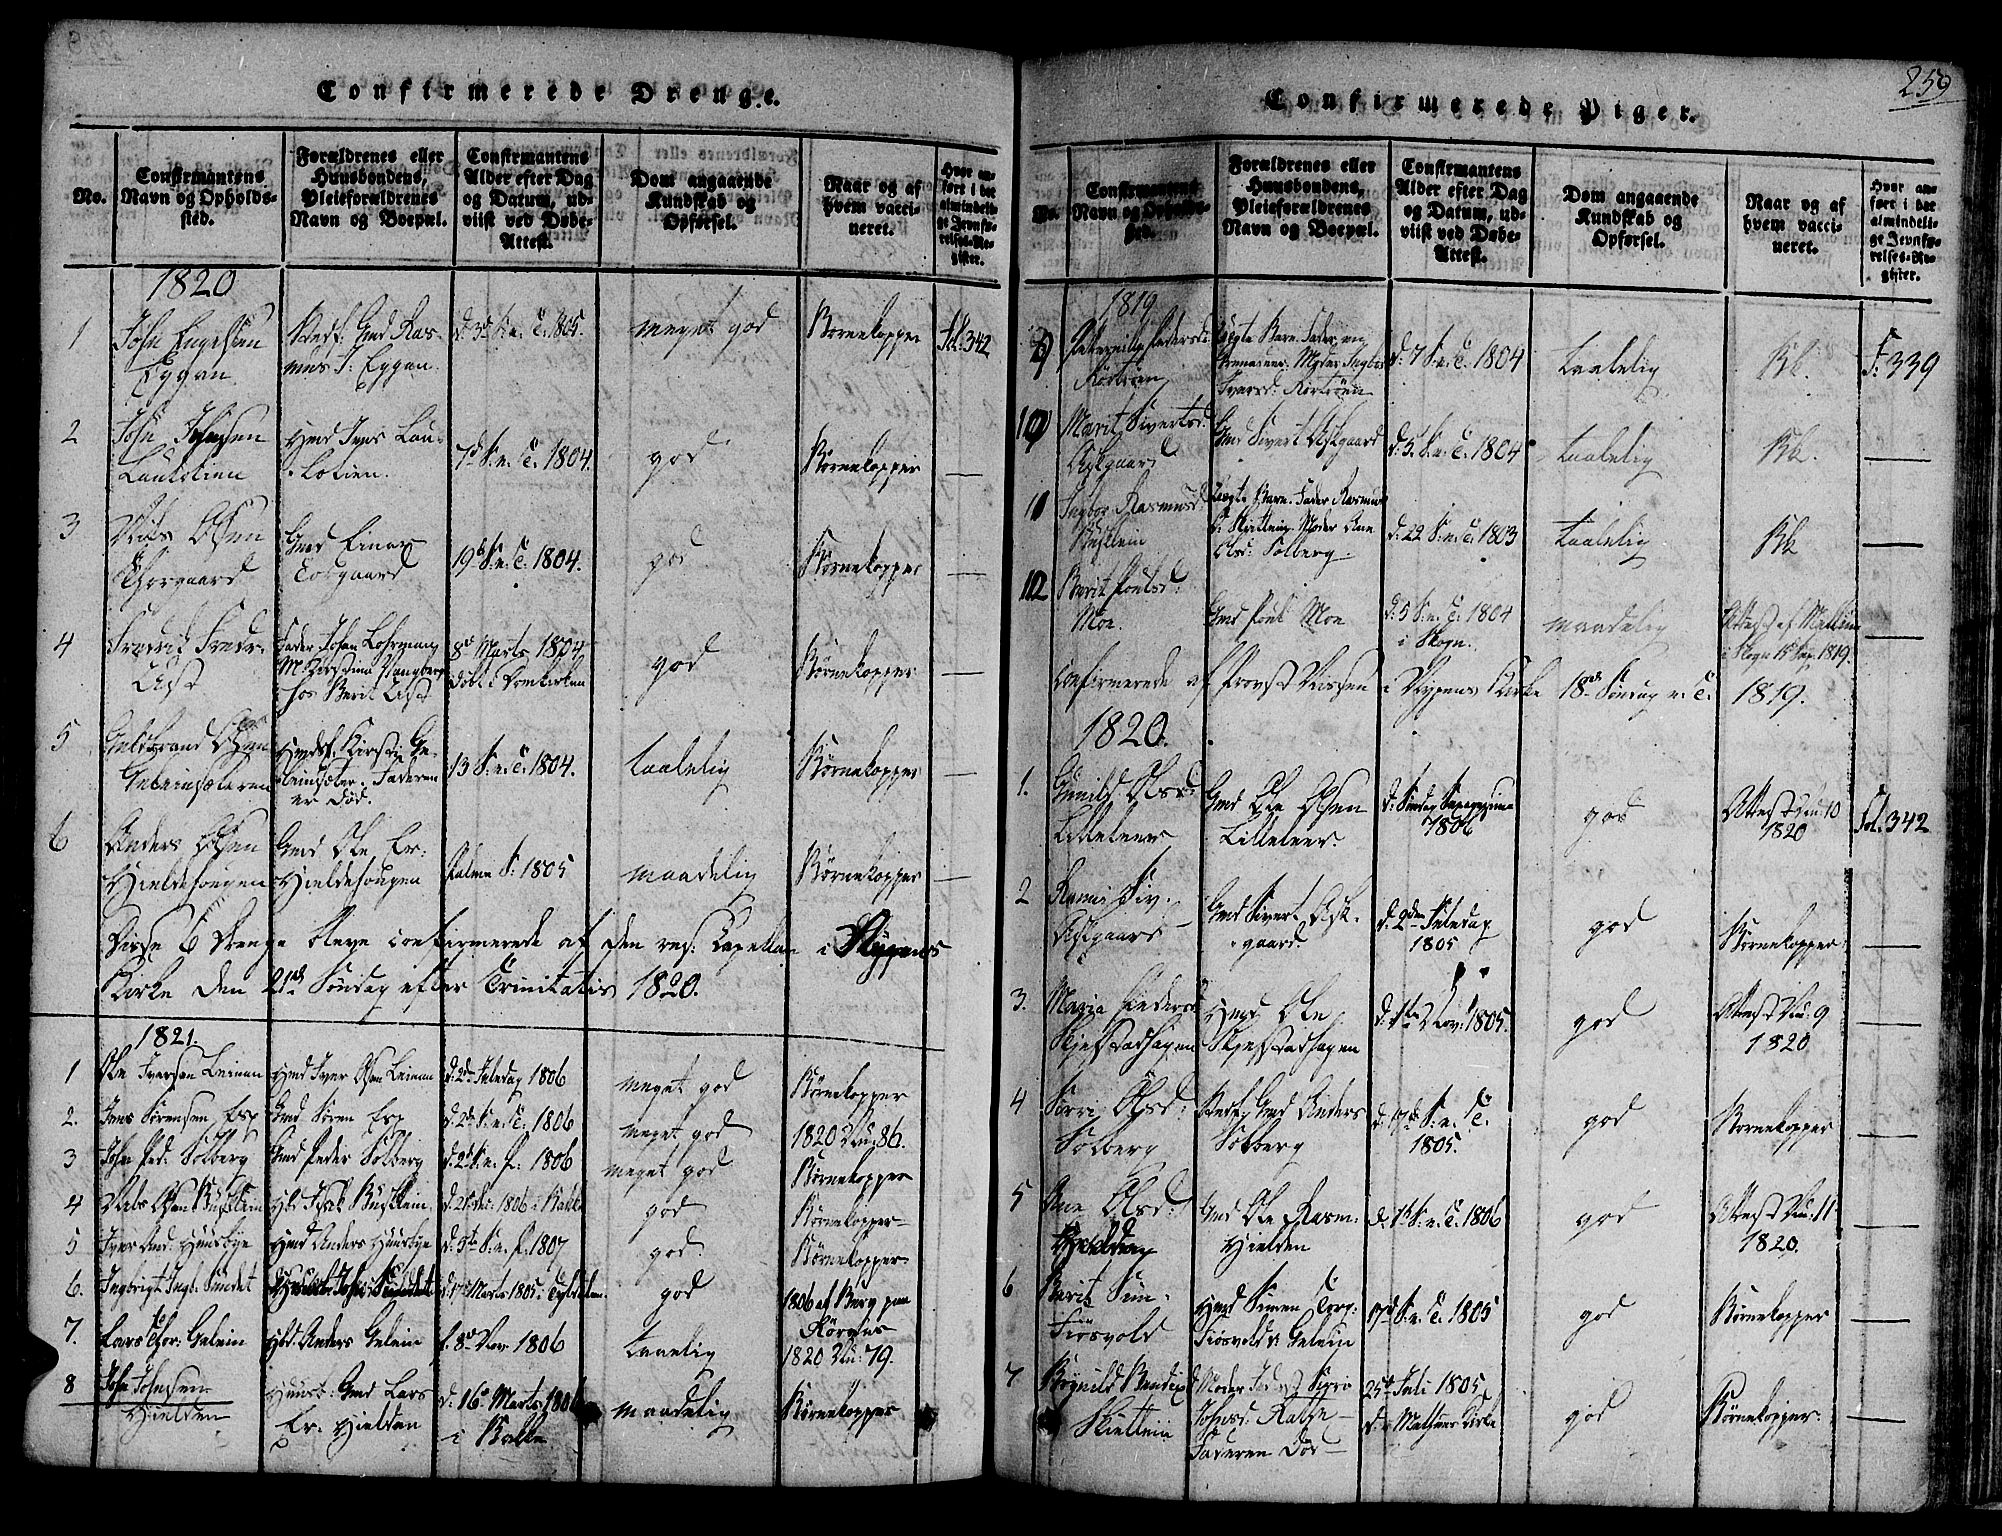 SAT, Ministerialprotokoller, klokkerbøker og fødselsregistre - Sør-Trøndelag, 691/L1067: Ministerialbok nr. 691A03 /3, 1816-1826, s. 259